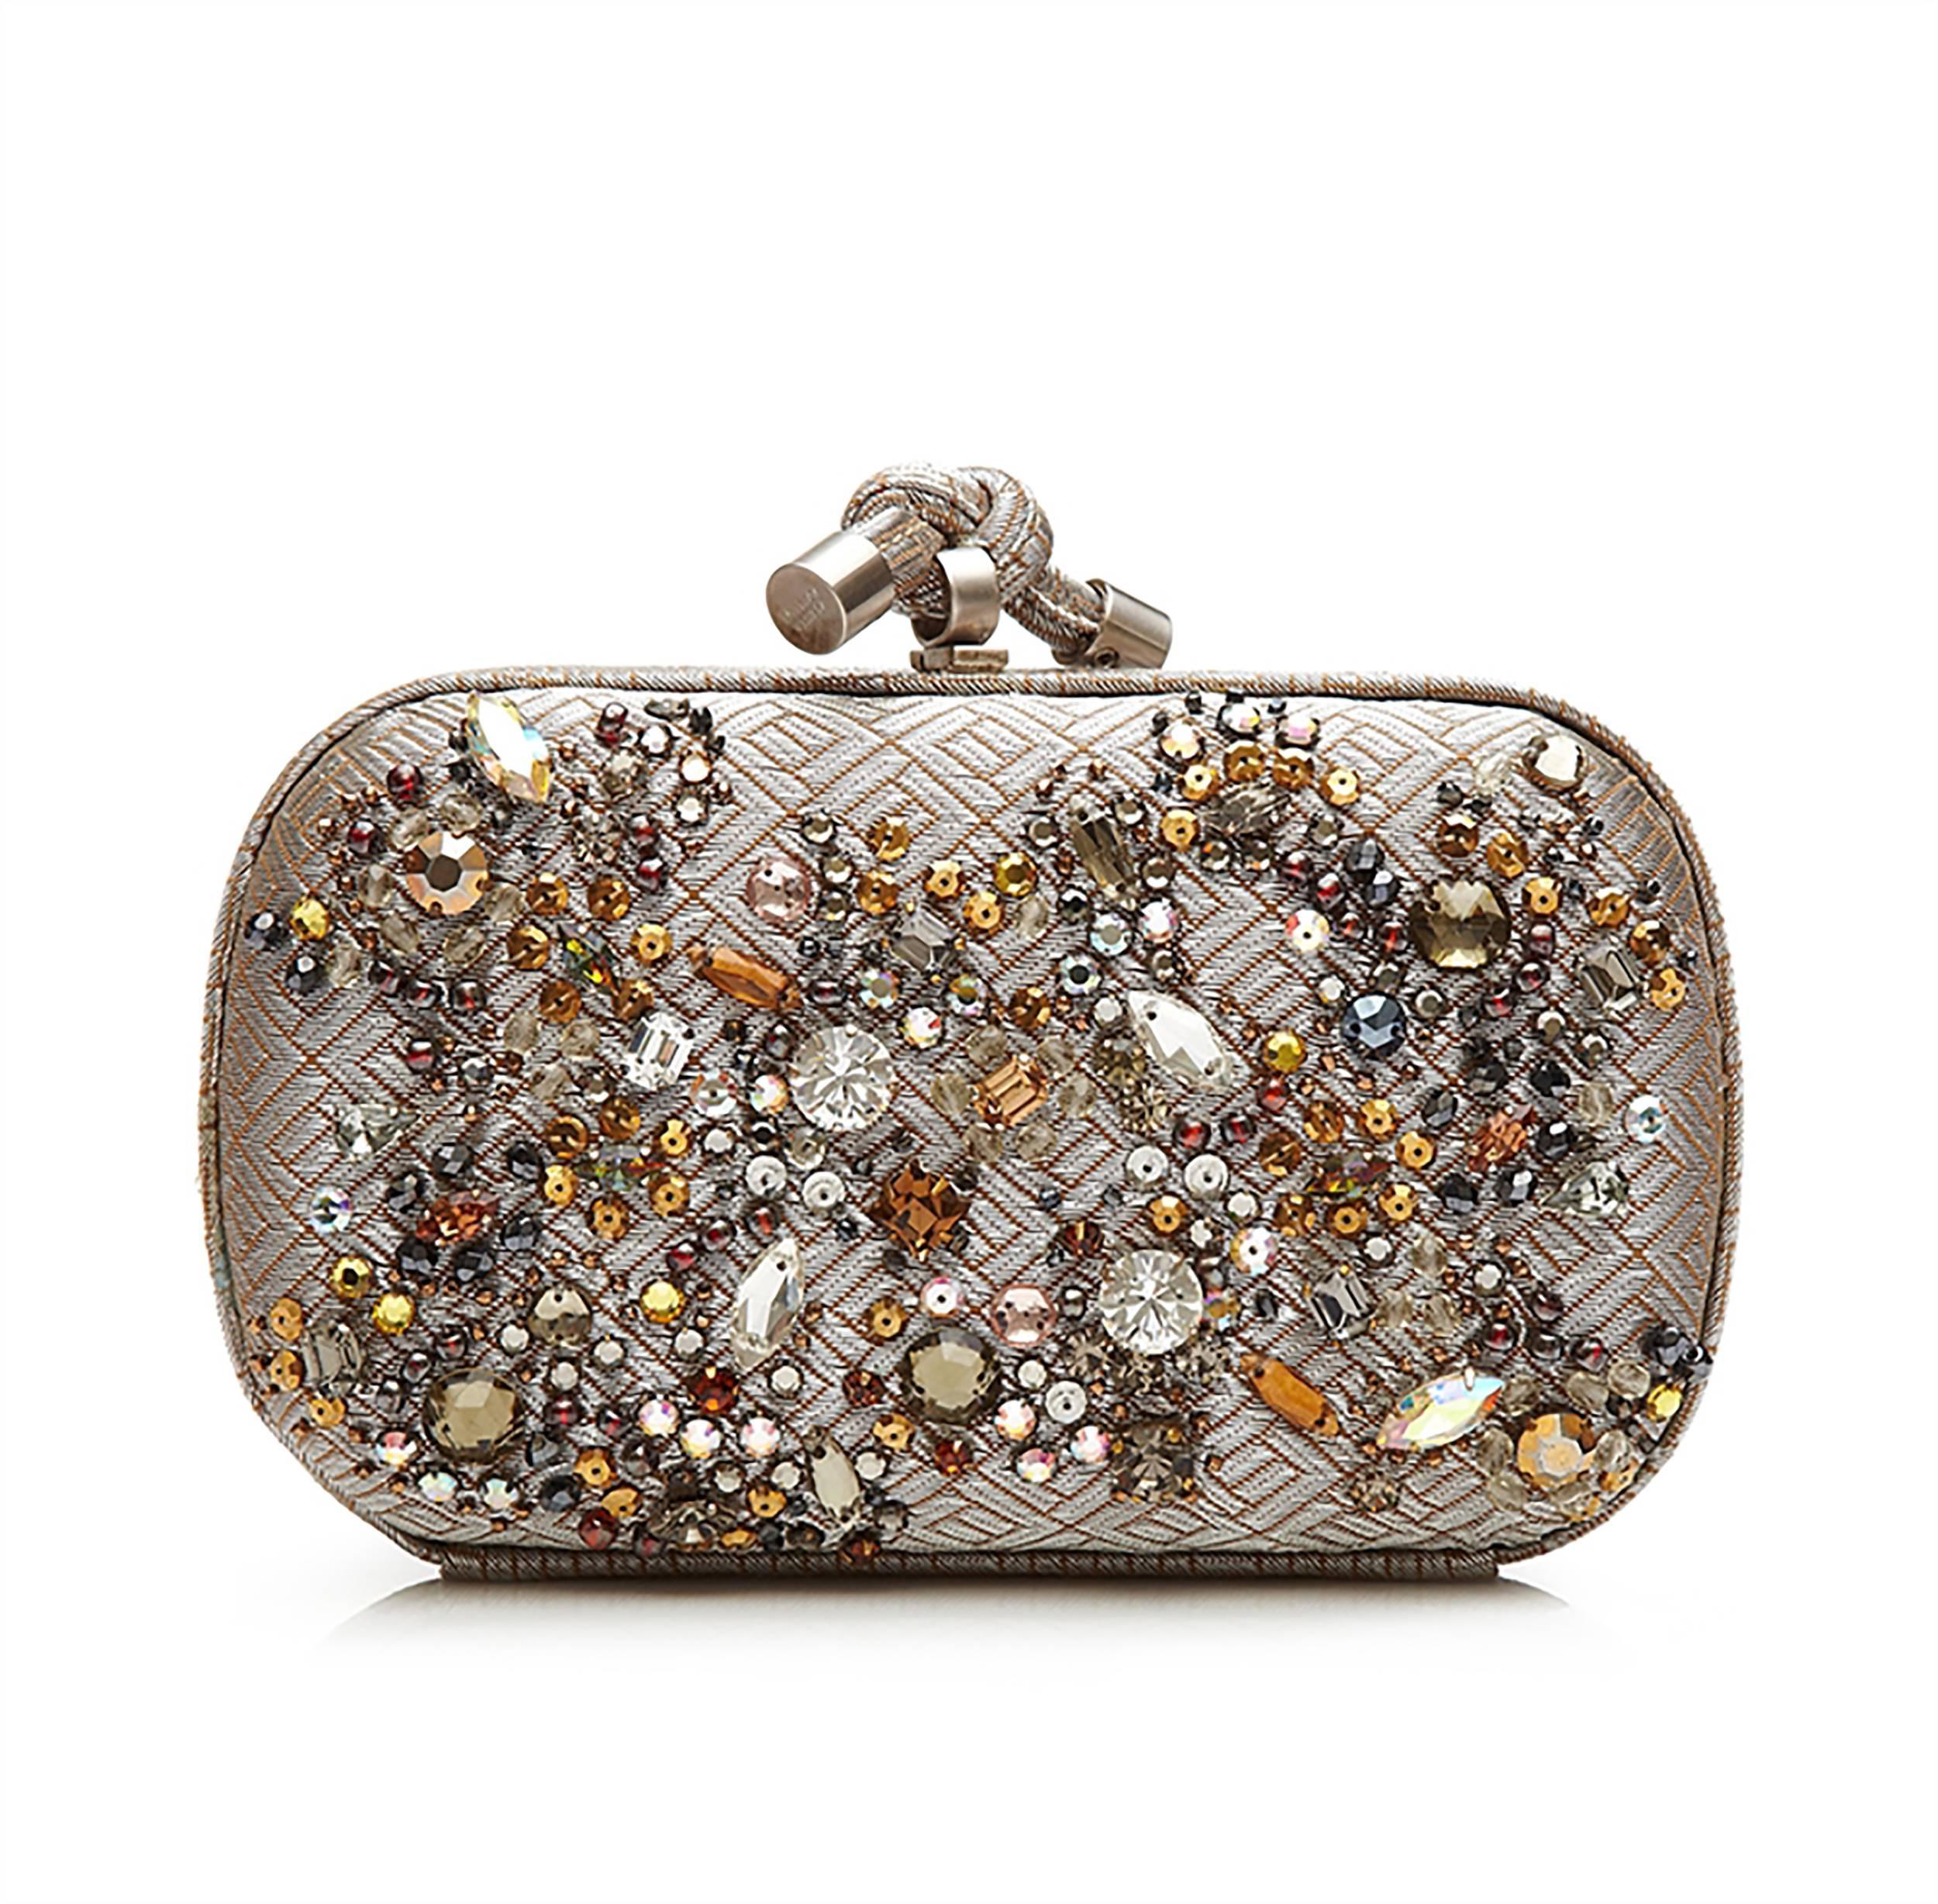 Bottega Veneta Crystal Embellished Knot Clutch Bag at 1stdibs 7054de46bc0b0